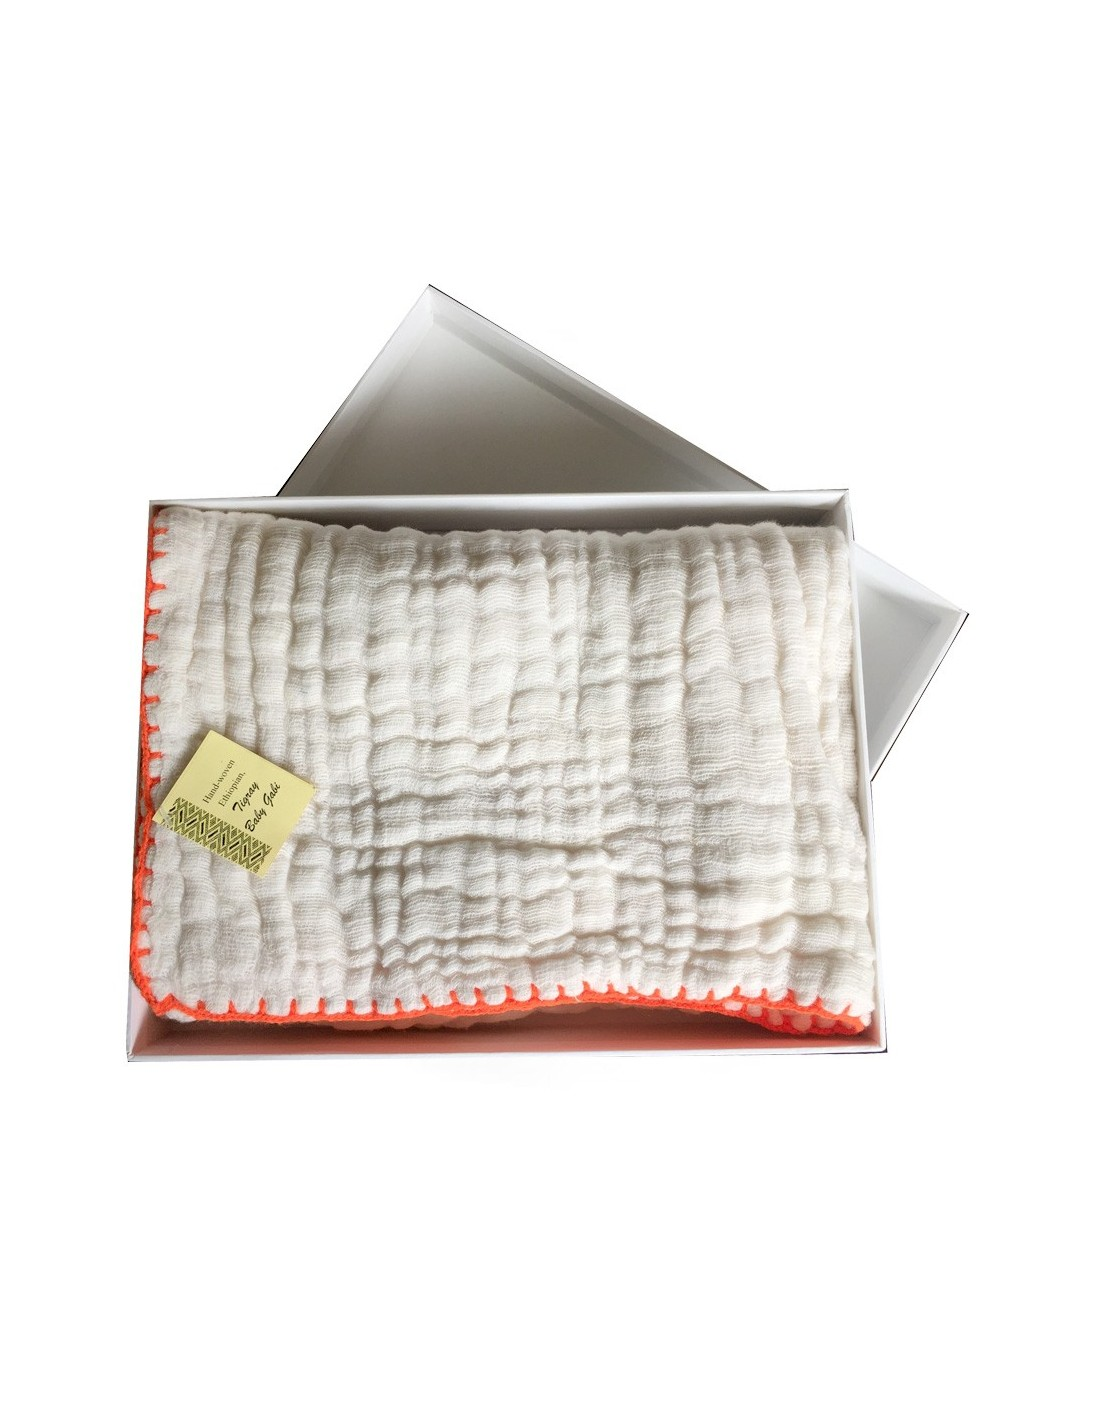 Couverture ou lange bebe coton ethiopien le ons de choses - Couverture en coton ...